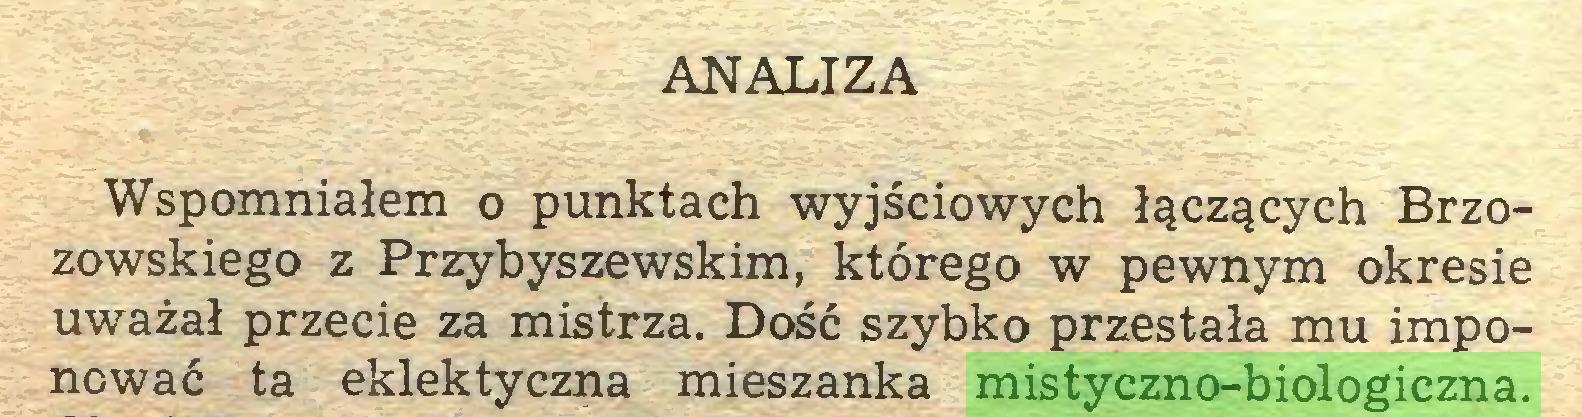 (...) ANALIZA Wspomniałem o punktach wyjściowych łączących Brzozowskiego z Przybyszewskim, którego w pewnym okresie uważał przecie za mistrza. Dość szybko przestała mu imponować ta eklektyczna mieszanka mistyczno-biologiczna...